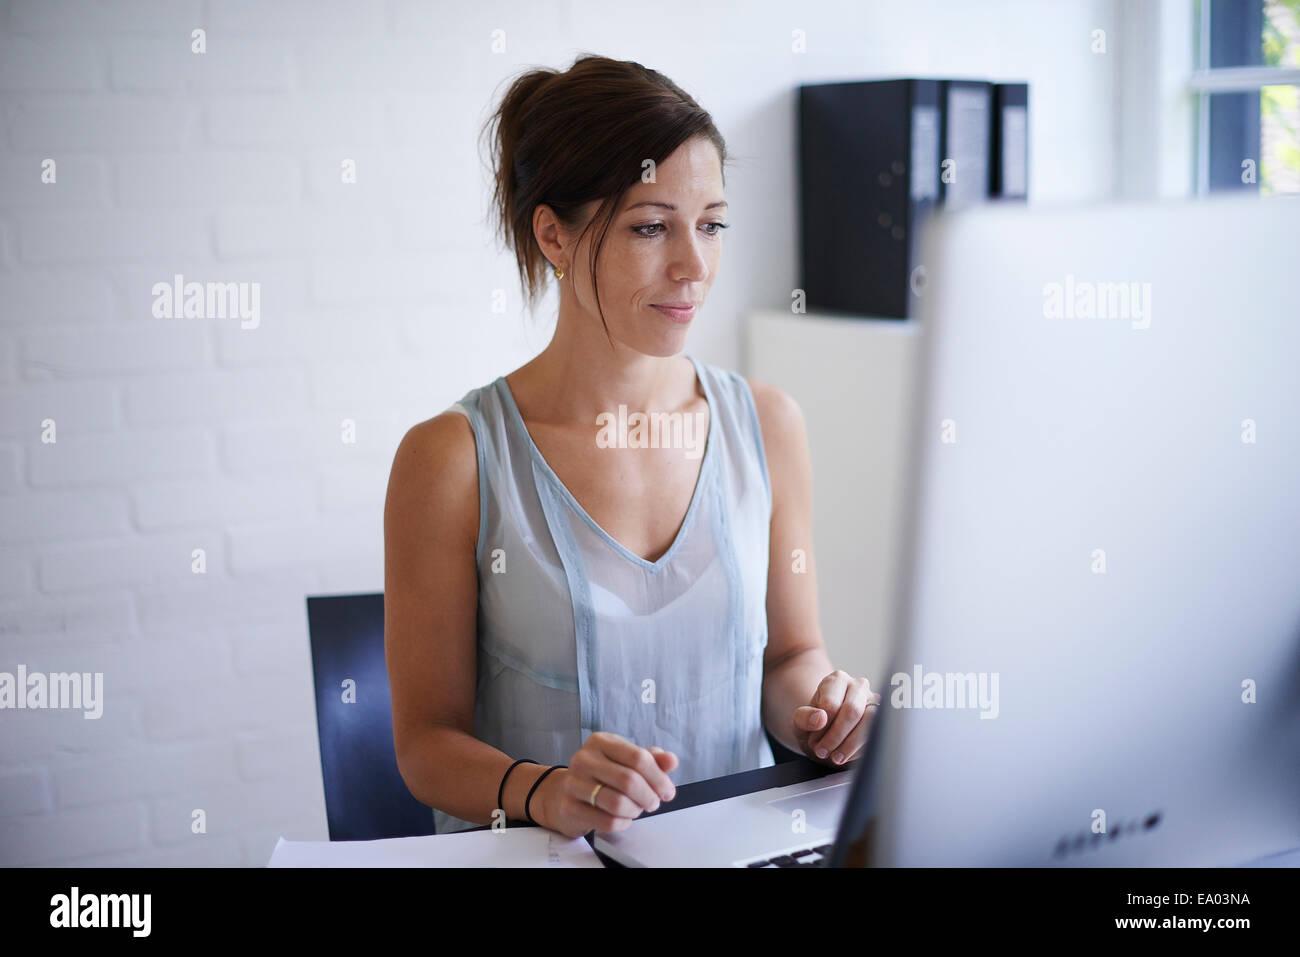 Mitte Erwachsene Frau von zu Hause aus am Computer arbeiten Stockbild